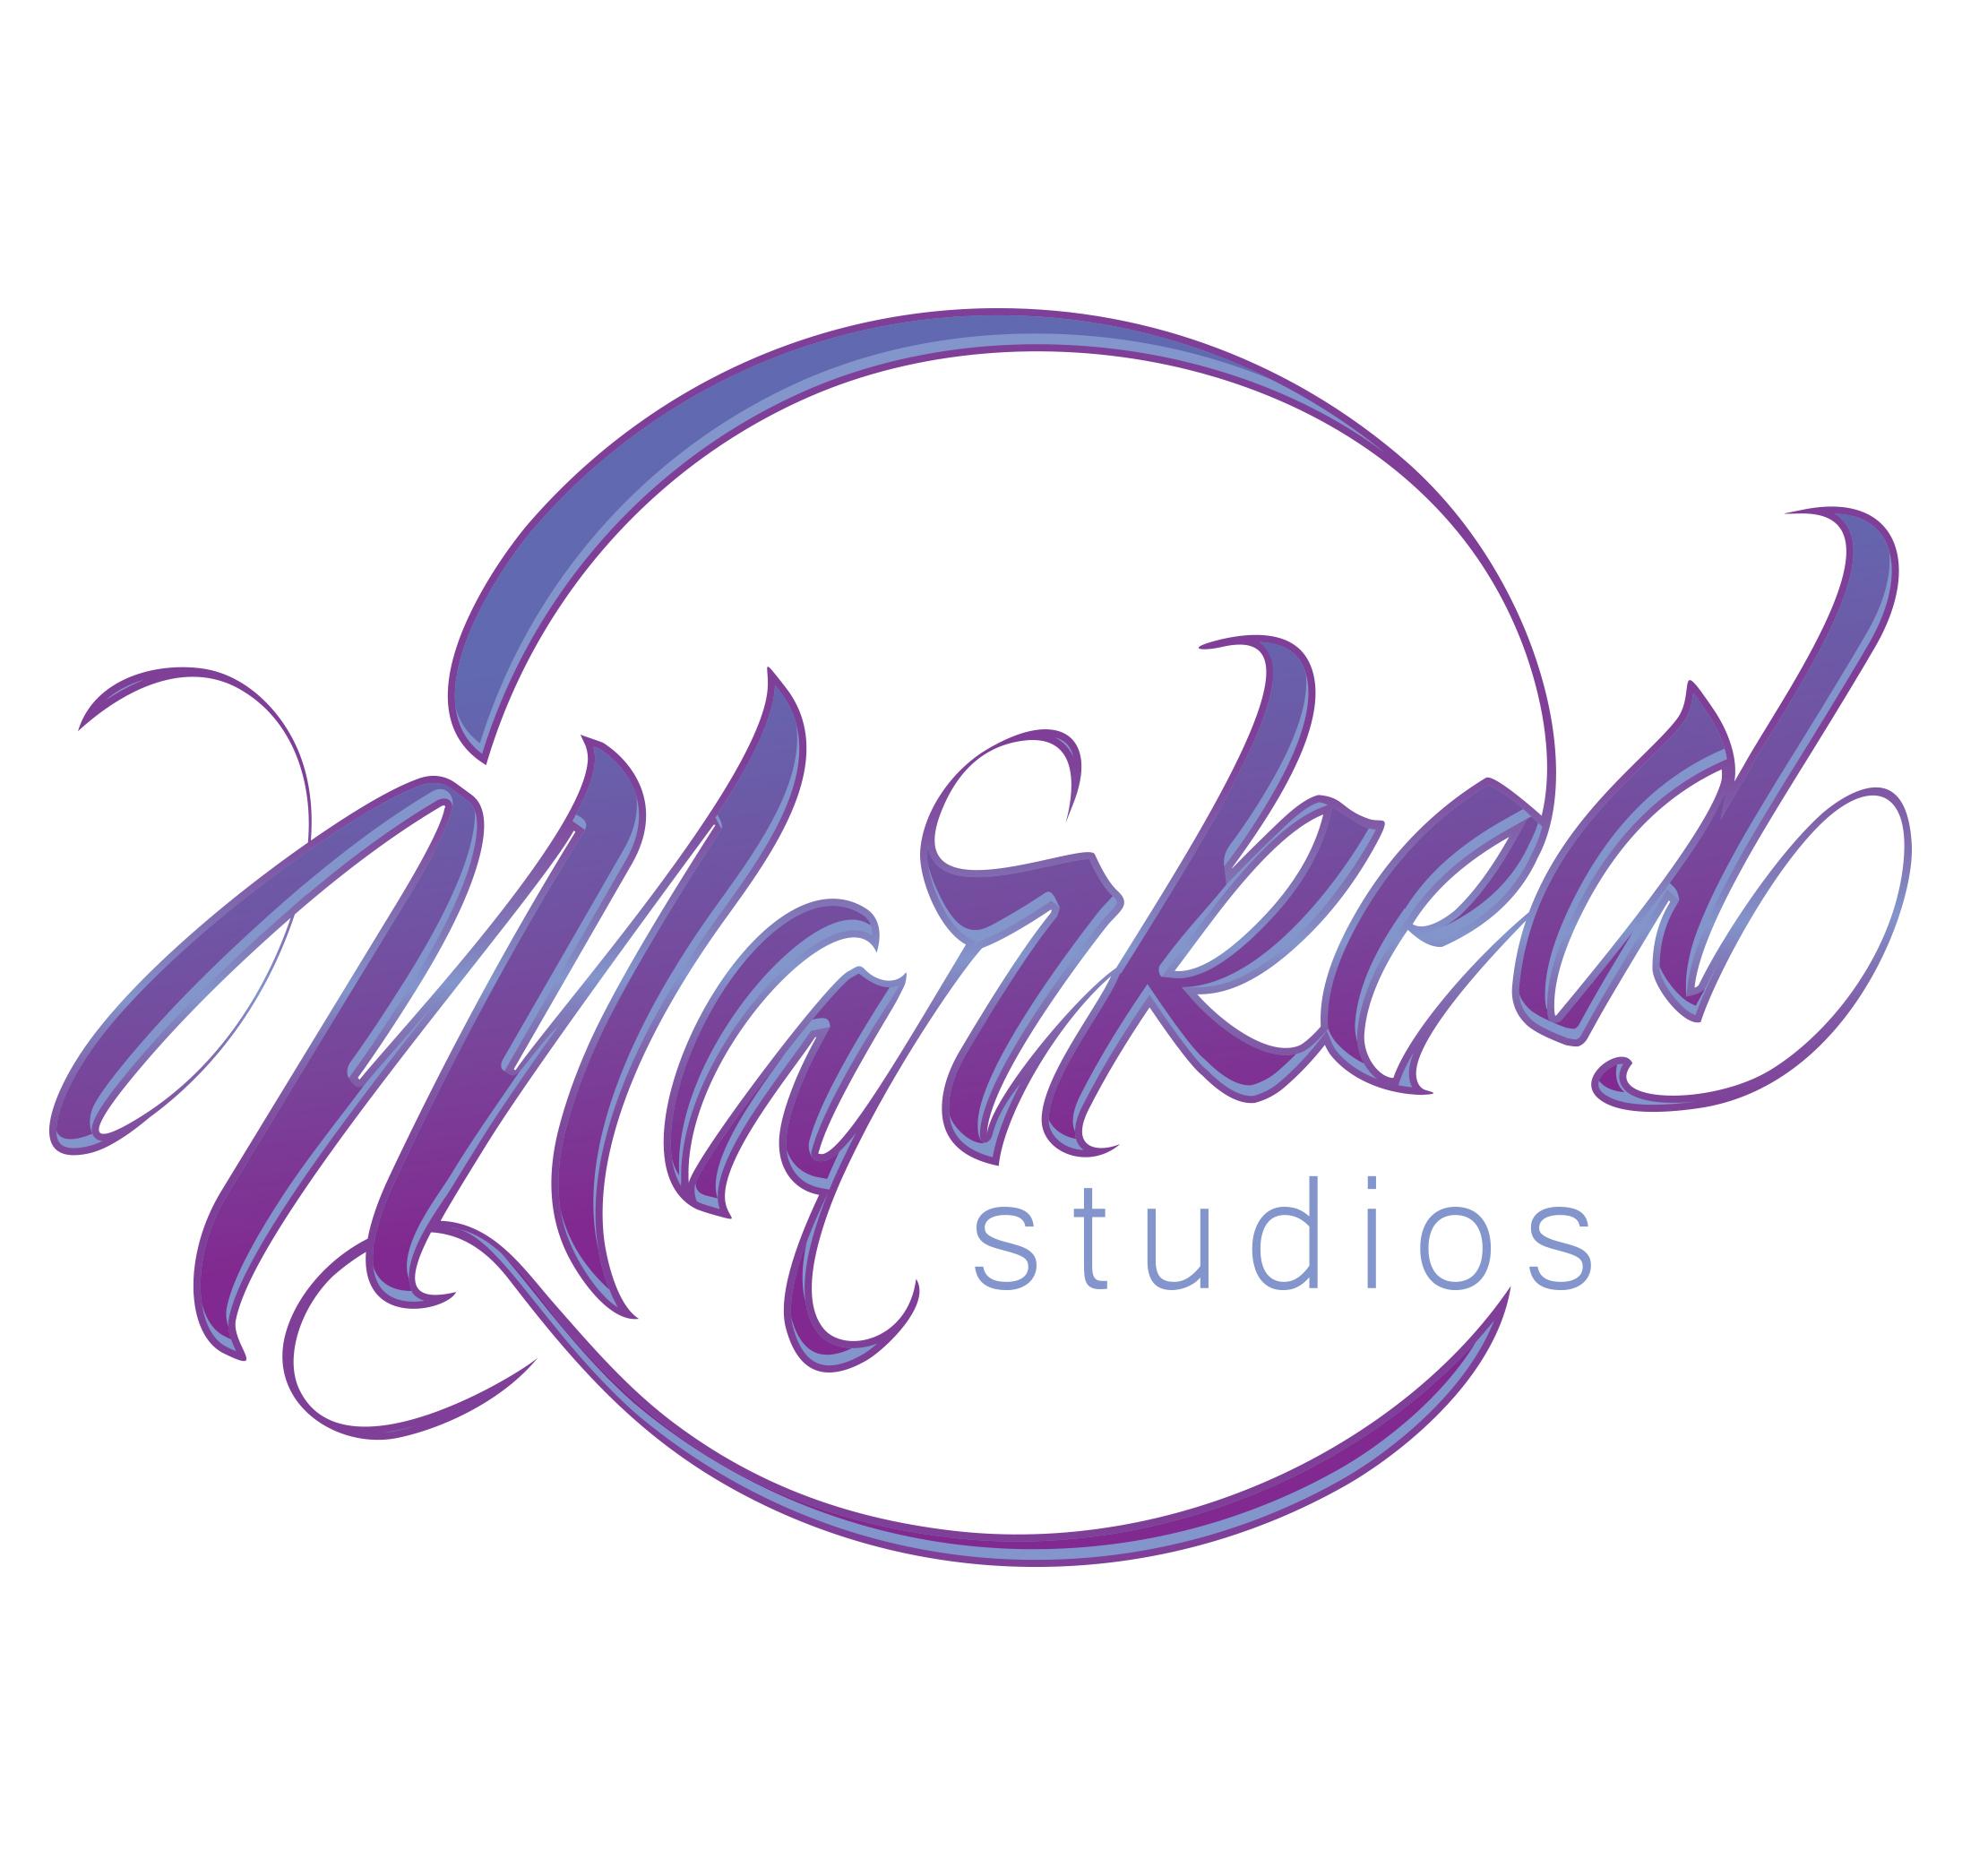 Marked Studios Inc image 0